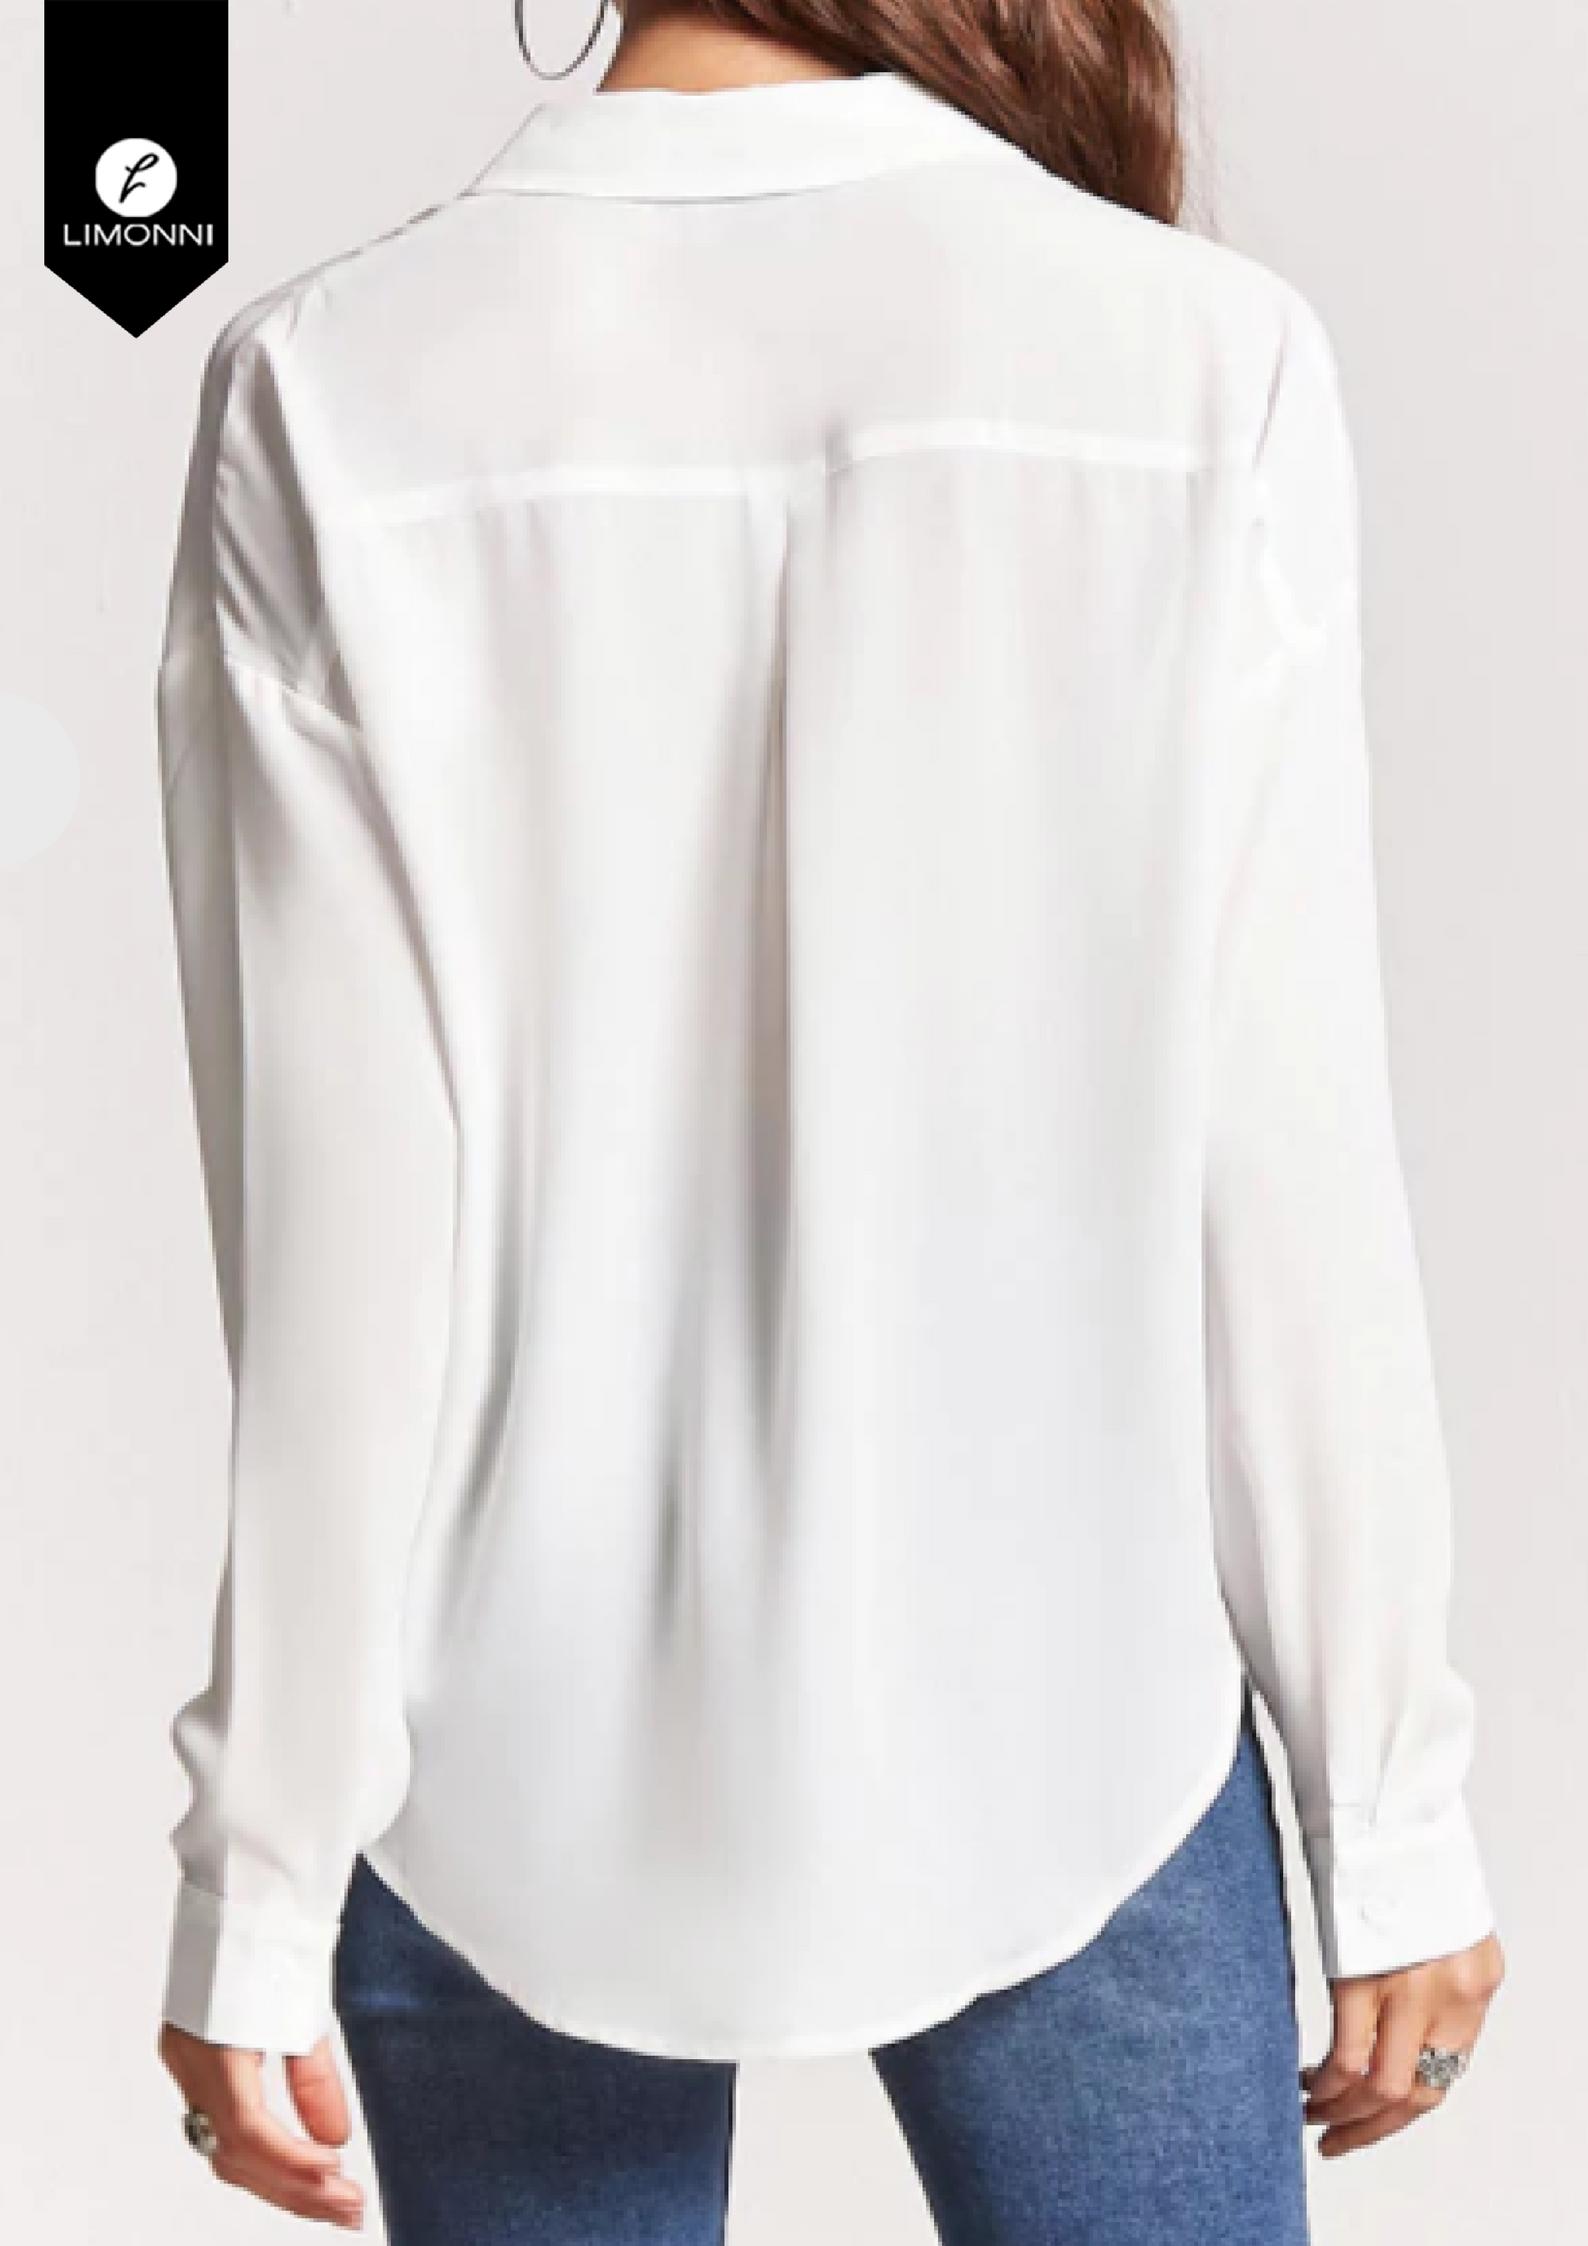 Blusas para mujer Limonni Novalee LI1539 Camiseras